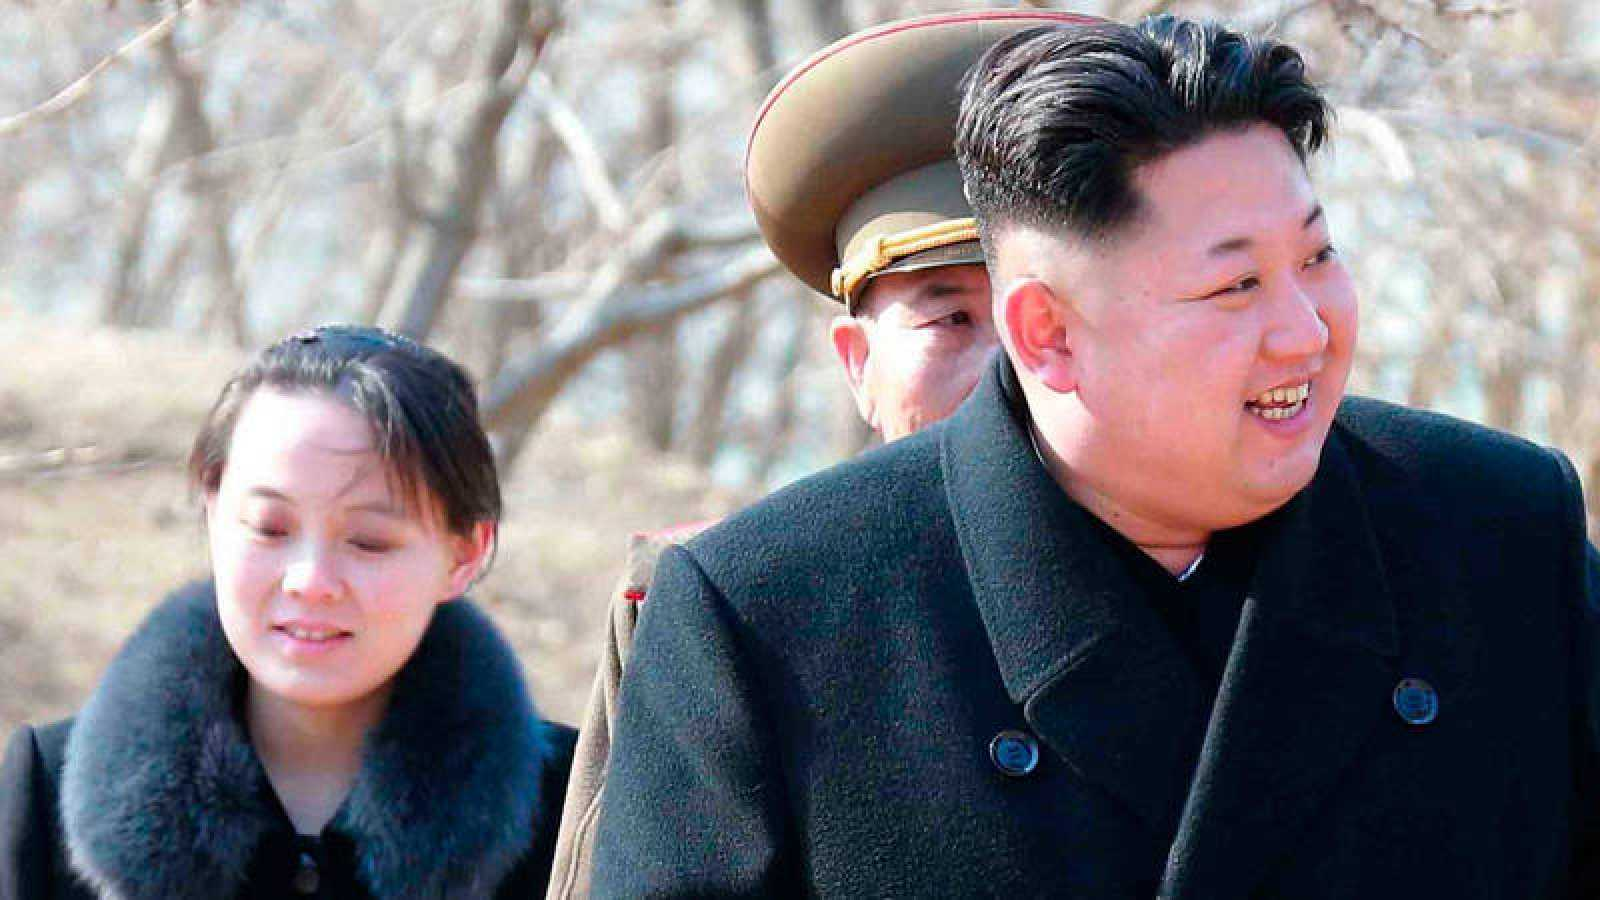 Jong-un, y su hermana pequeña Kim Yo-jong mientras realizan una visita a una unidad militar en una isla cerca de la frontera con Corea del Sur en el Mar del Japón.